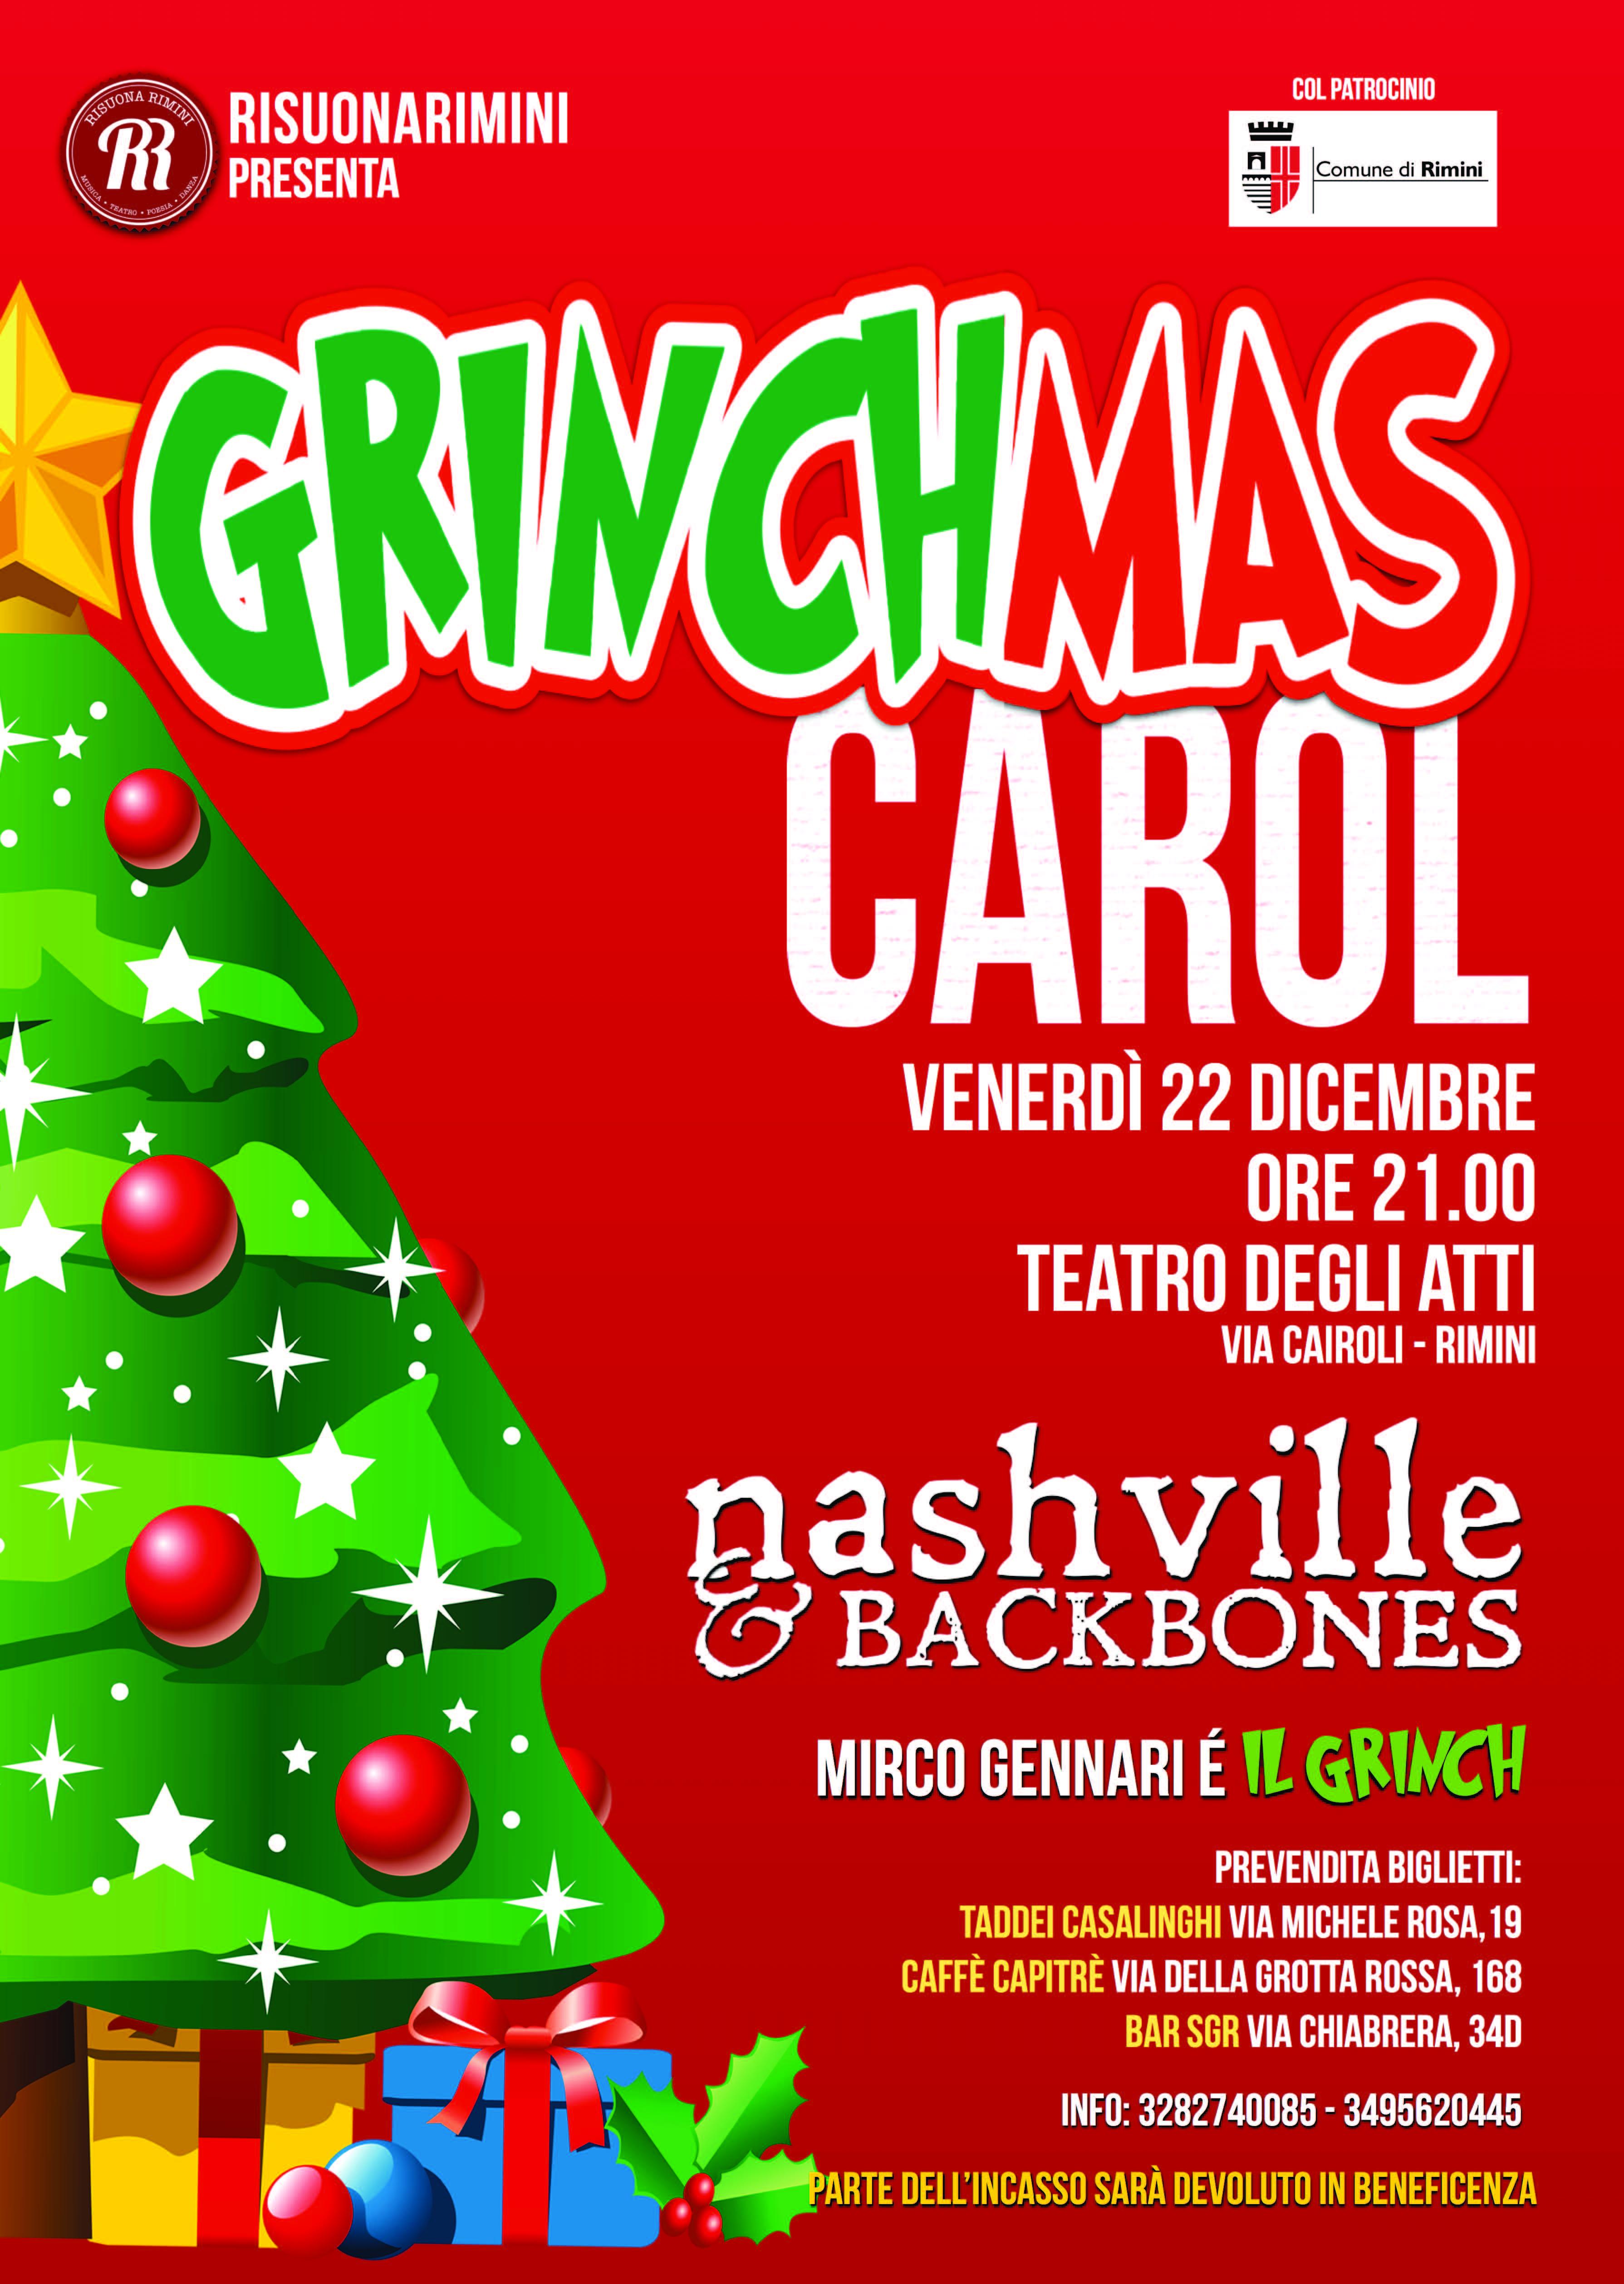 Grinch-Mas Carol